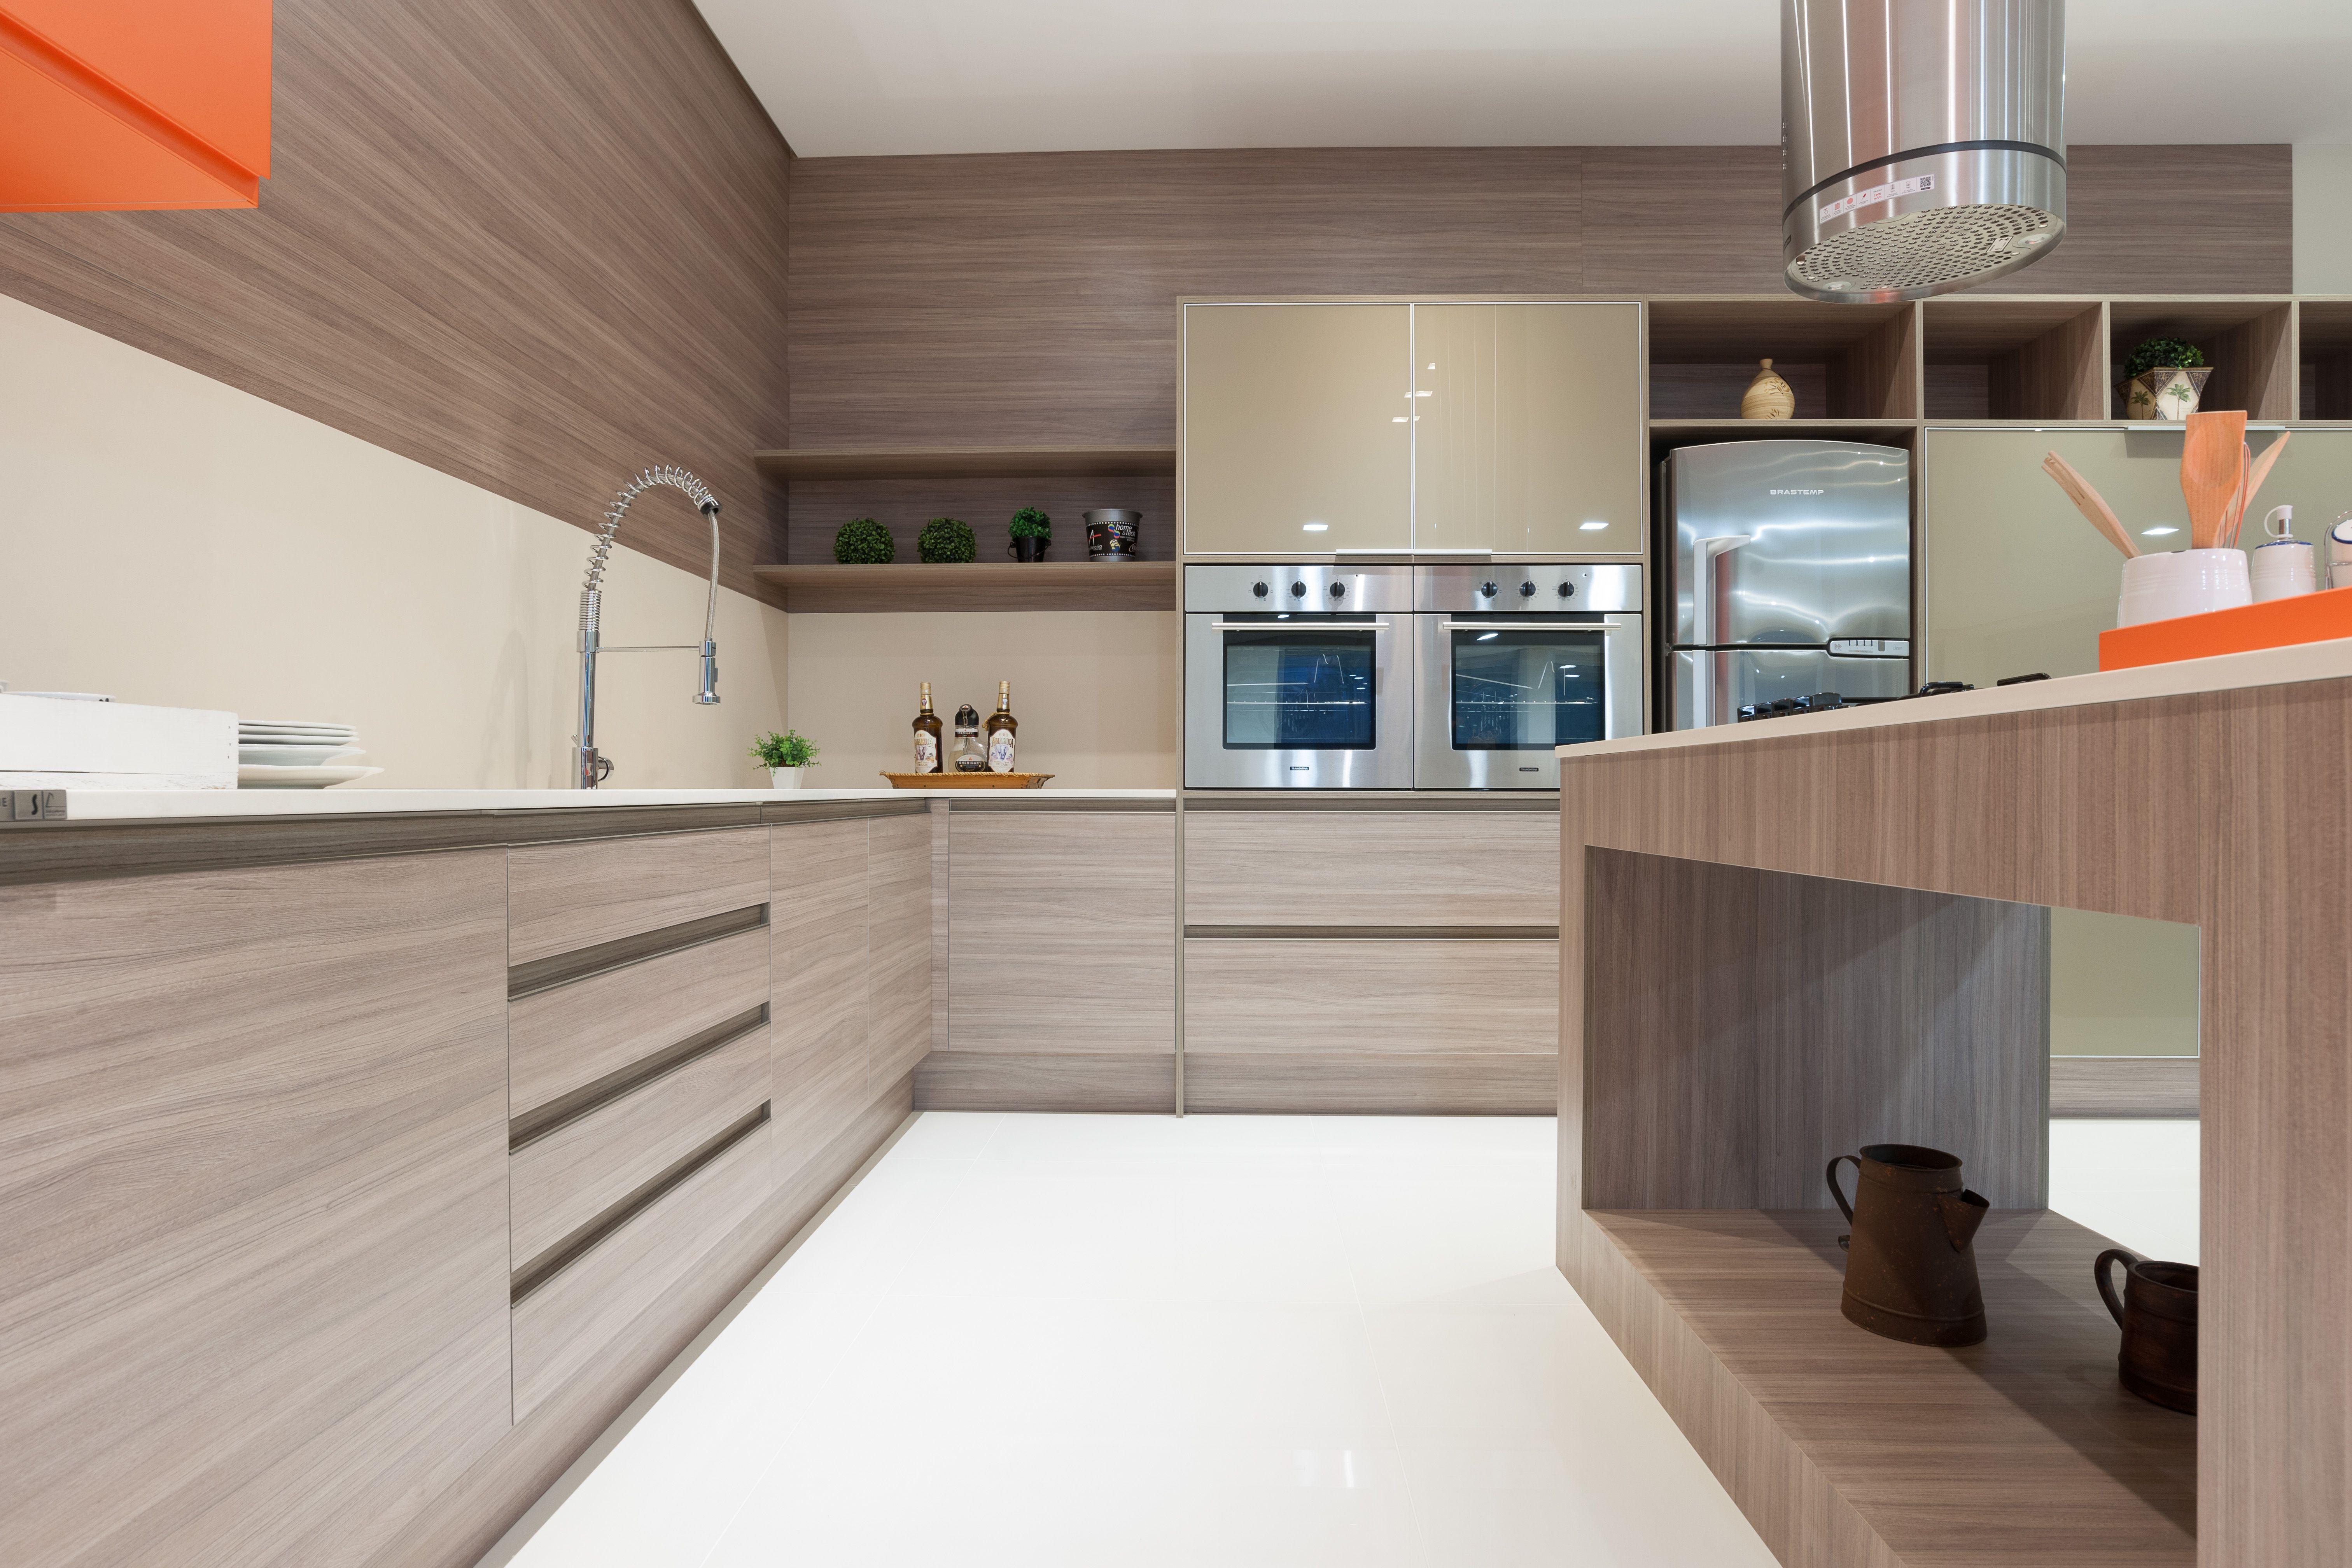 Um encanto de cozinha pede uma decoração equilibrada, muita praticidade e beleza de sobra.